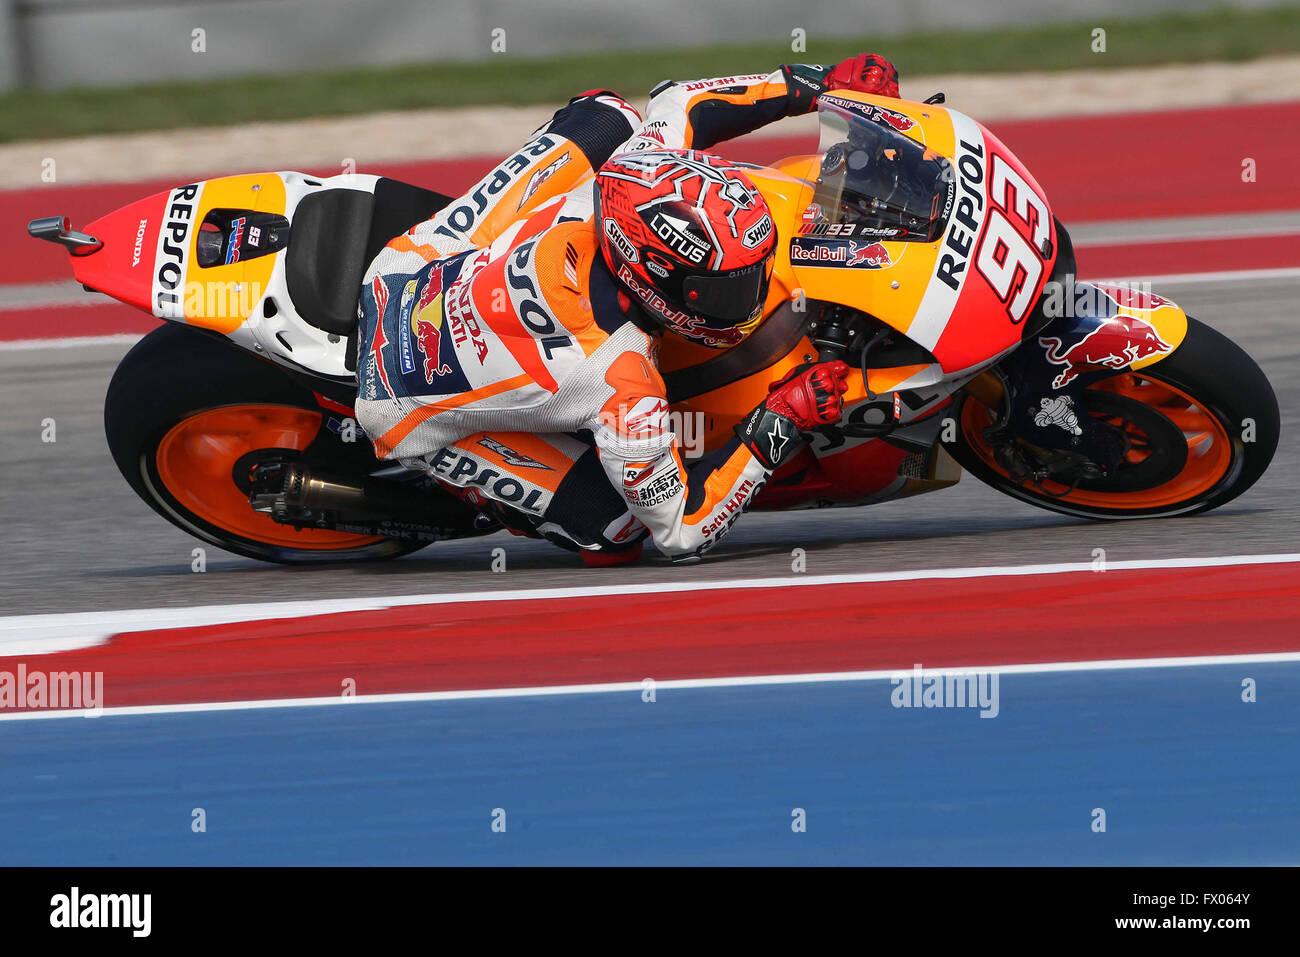 Austin, Texas, Stati Uniti d'America. 08 apr, 2016. Marc Marquez della Spagna e del Repsol Honda Team arrotonda Immagini Stock